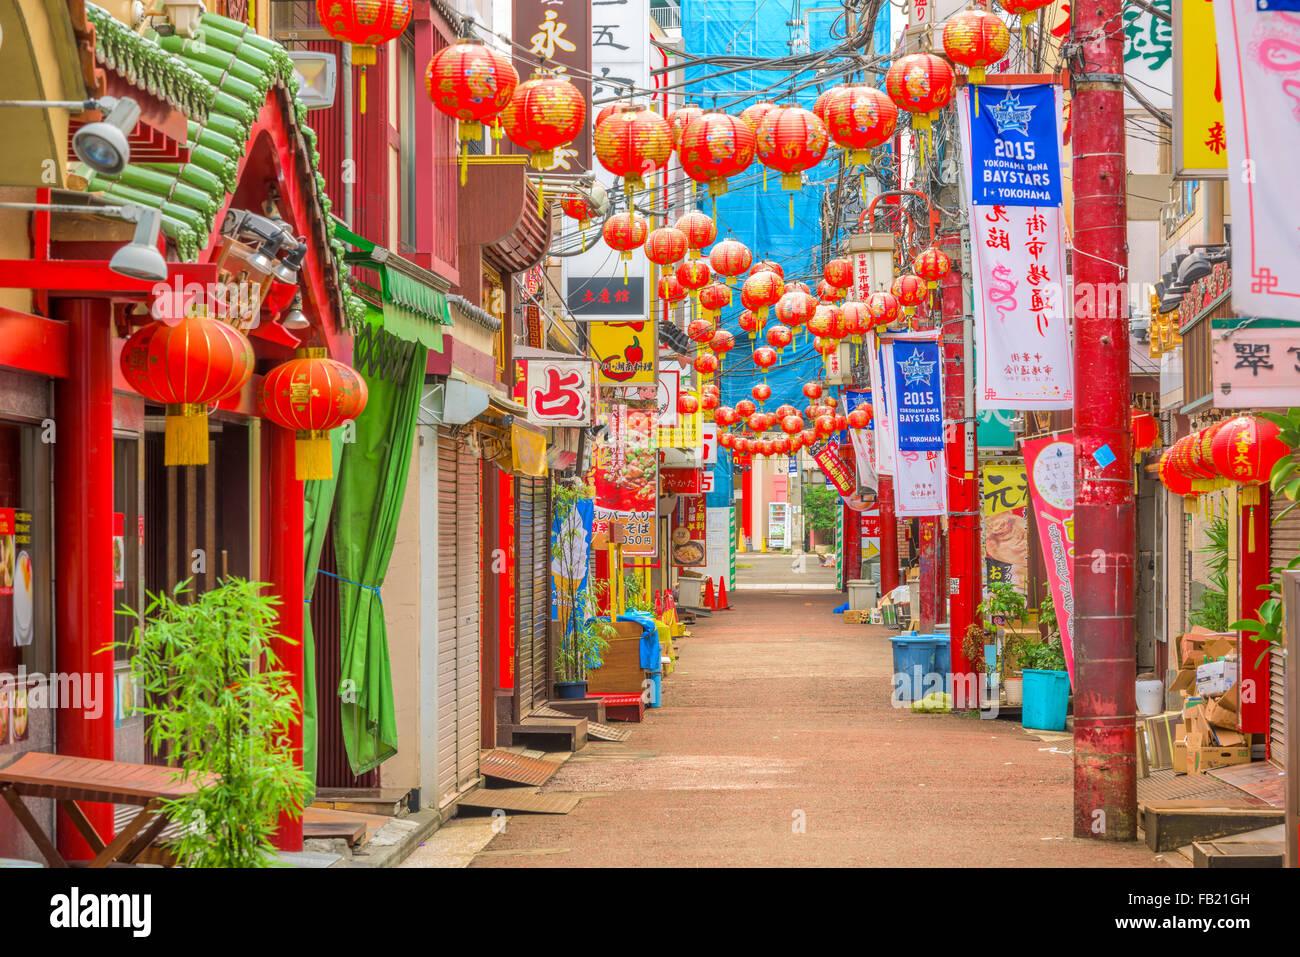 YOKOHAMA, Japón - Agosto 11, 2015: el distrito de Chinatown de Yokohama. Es el mayor Chinatown en Japón. Imagen De Stock